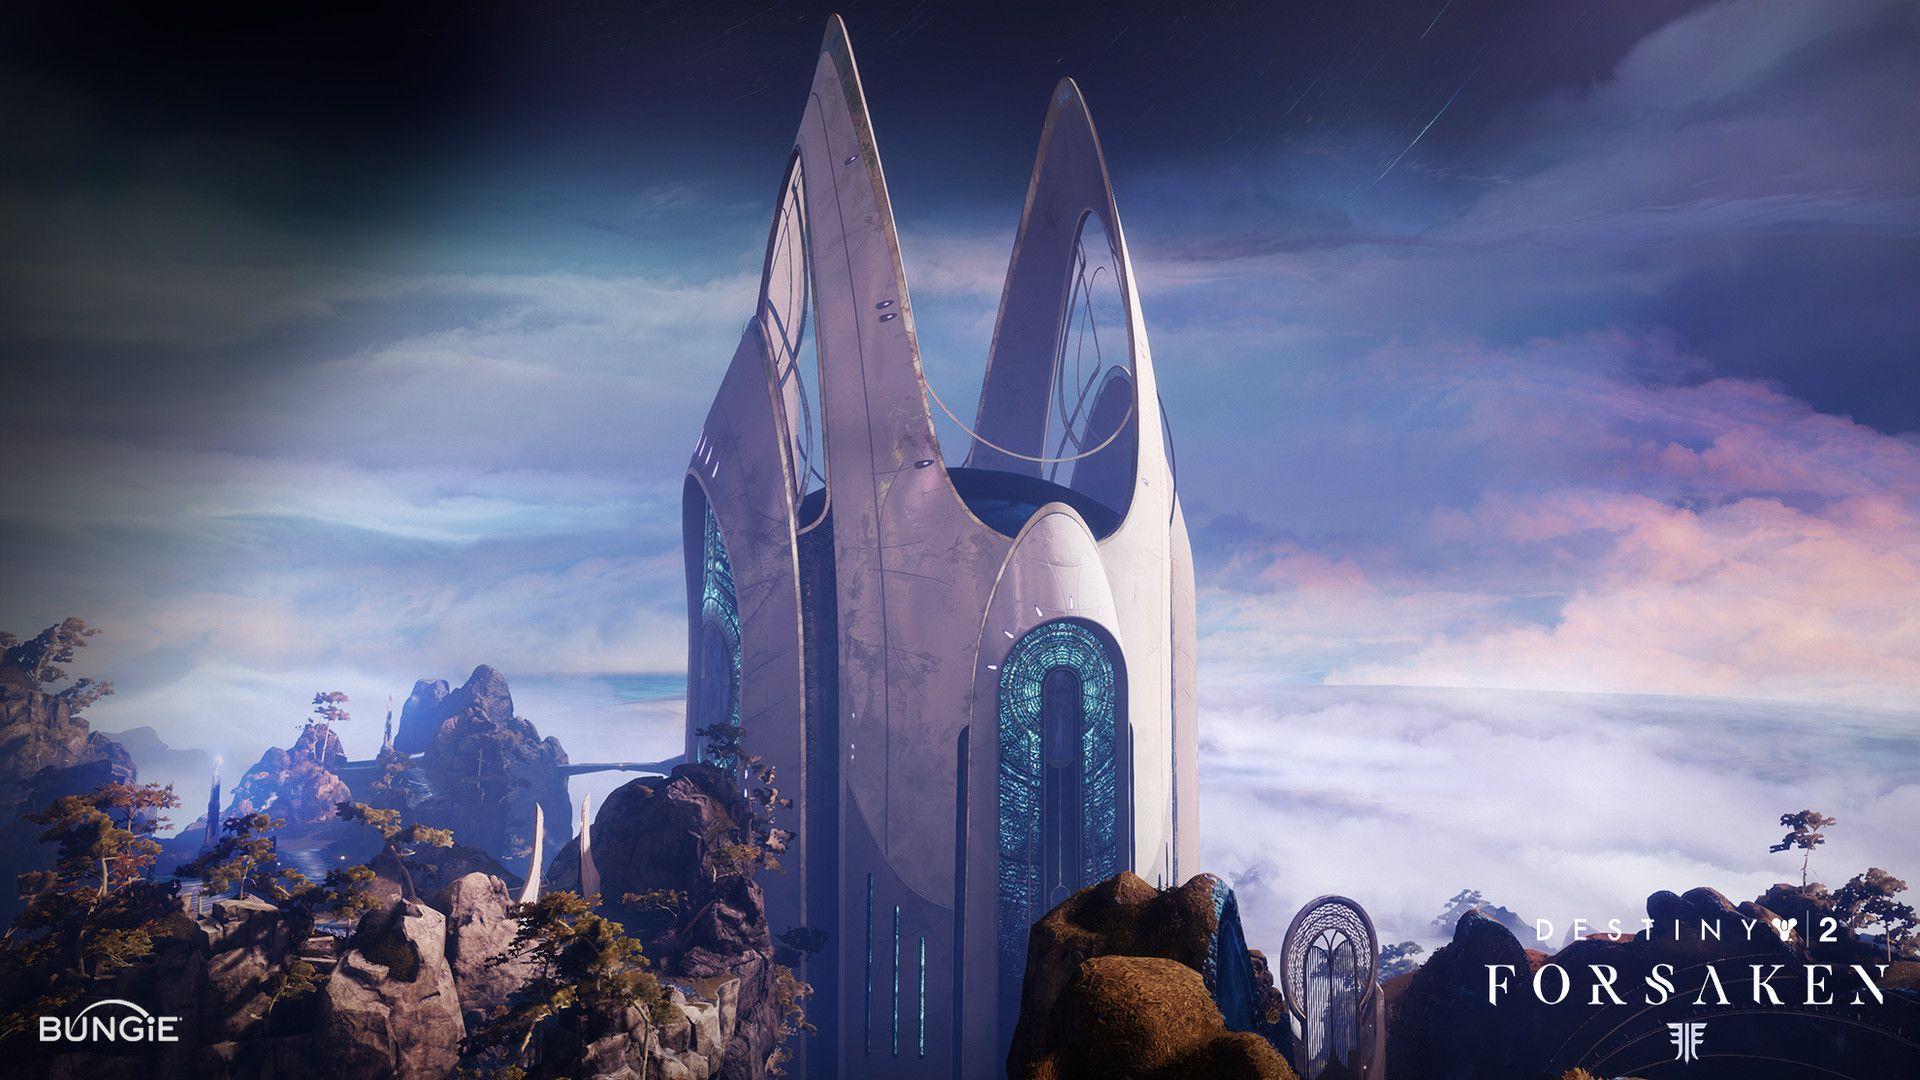 ArtStation - Destiny 2 Forsaken - Dreaming City Towers